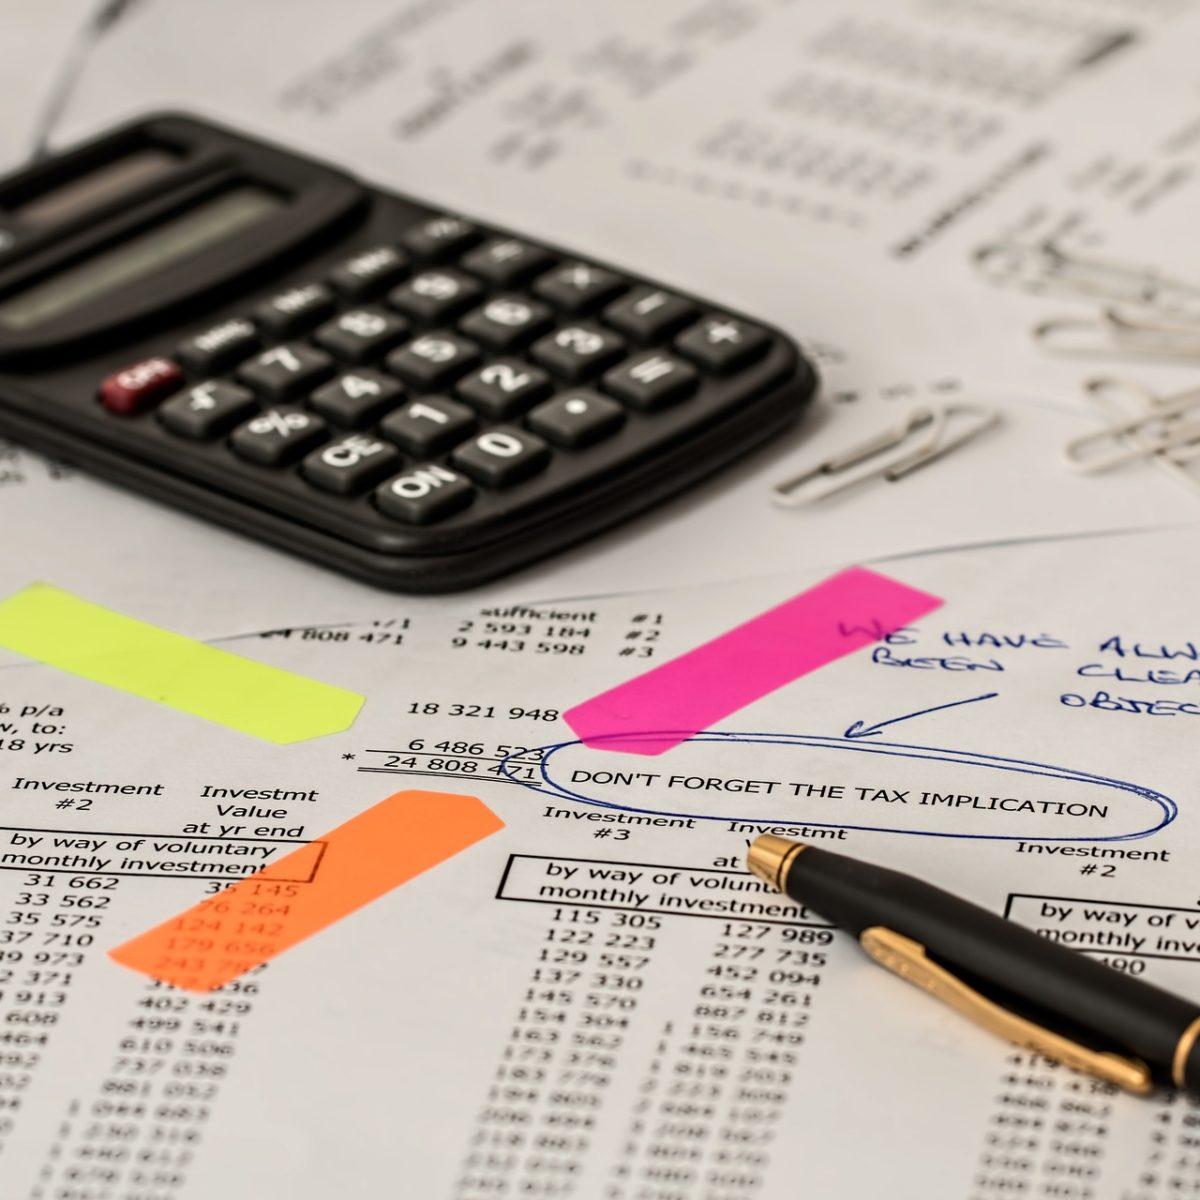 Quanto guadagni? Imparare a leggere la busta paga, immagine in evidenza